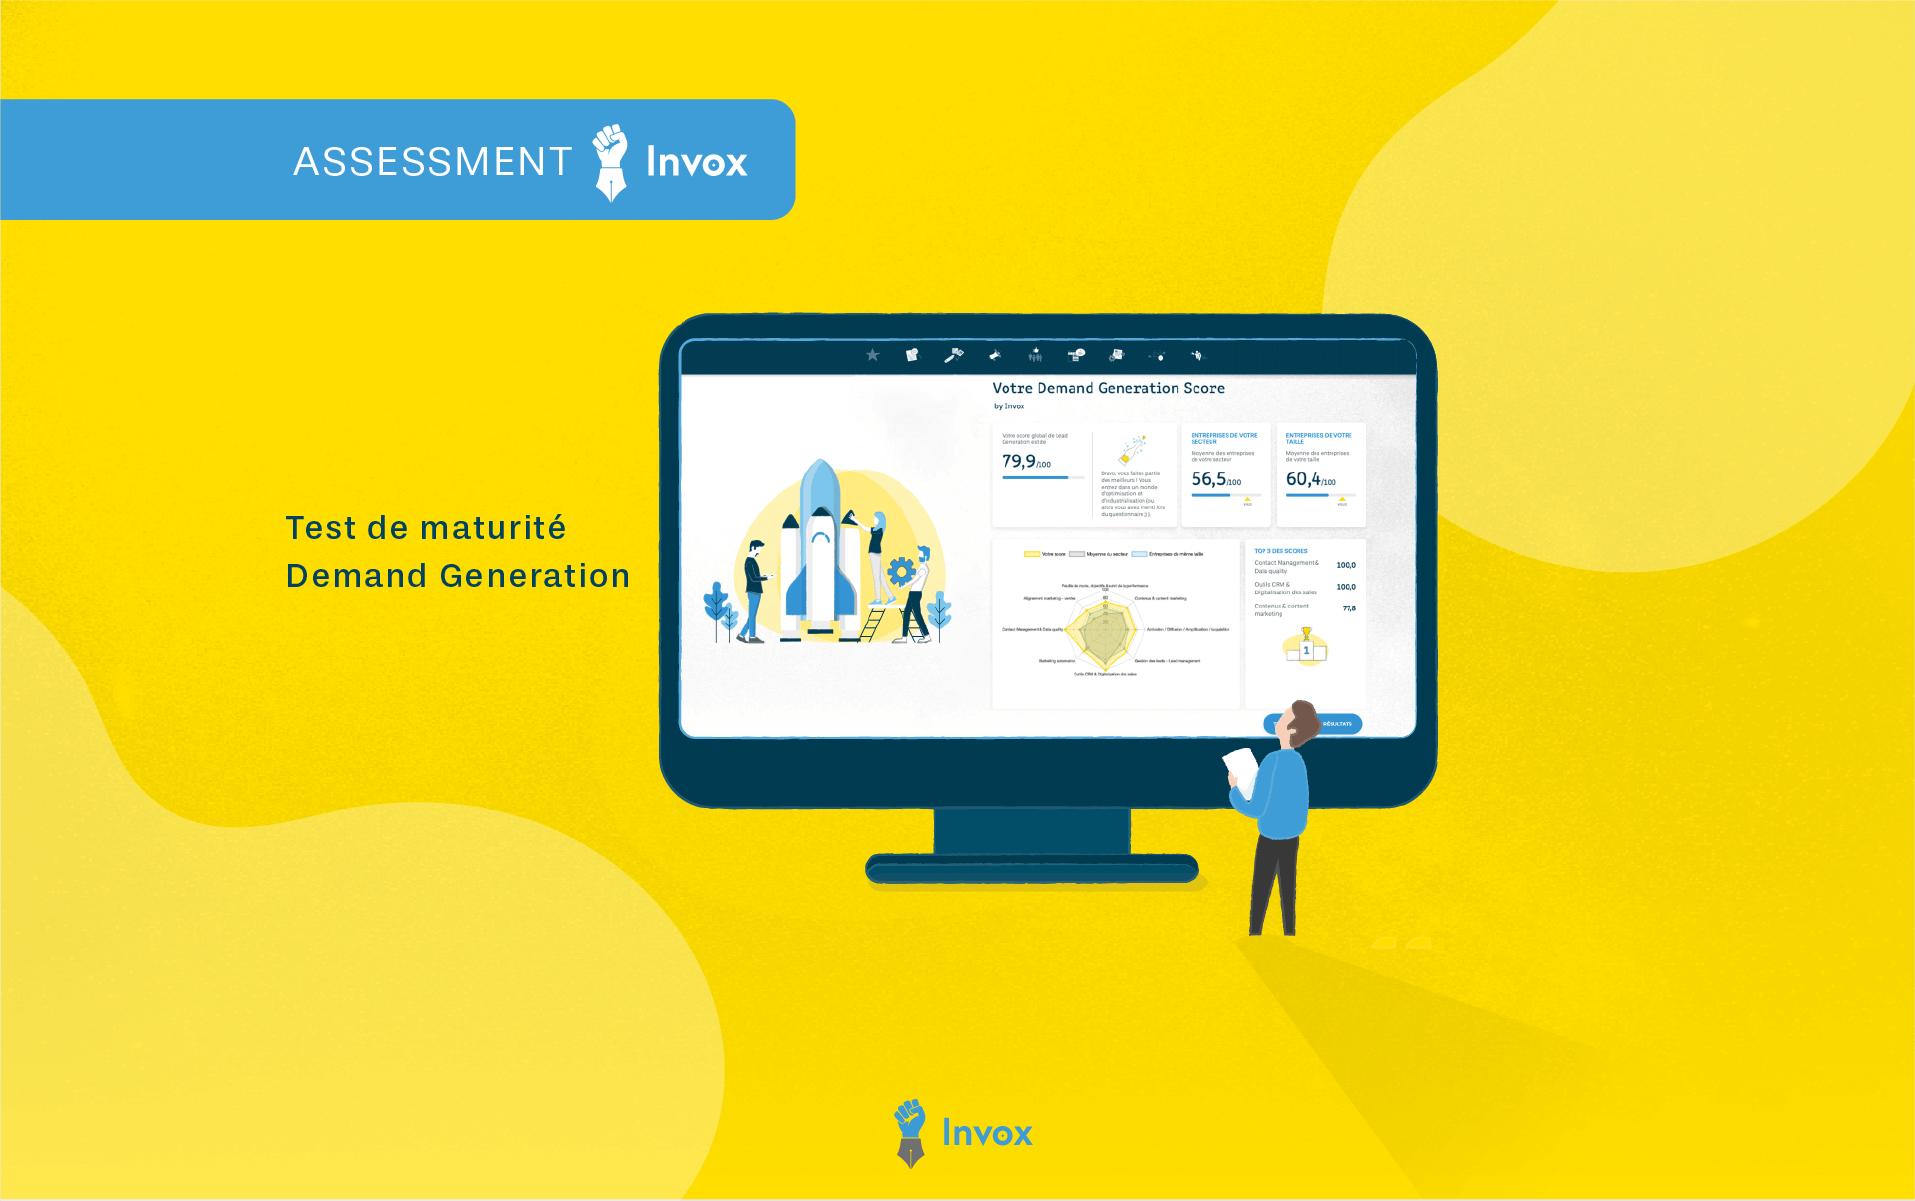 Calculez votre score sur les principales pratiques de la Demand Generation avec l'Assessment Invox!